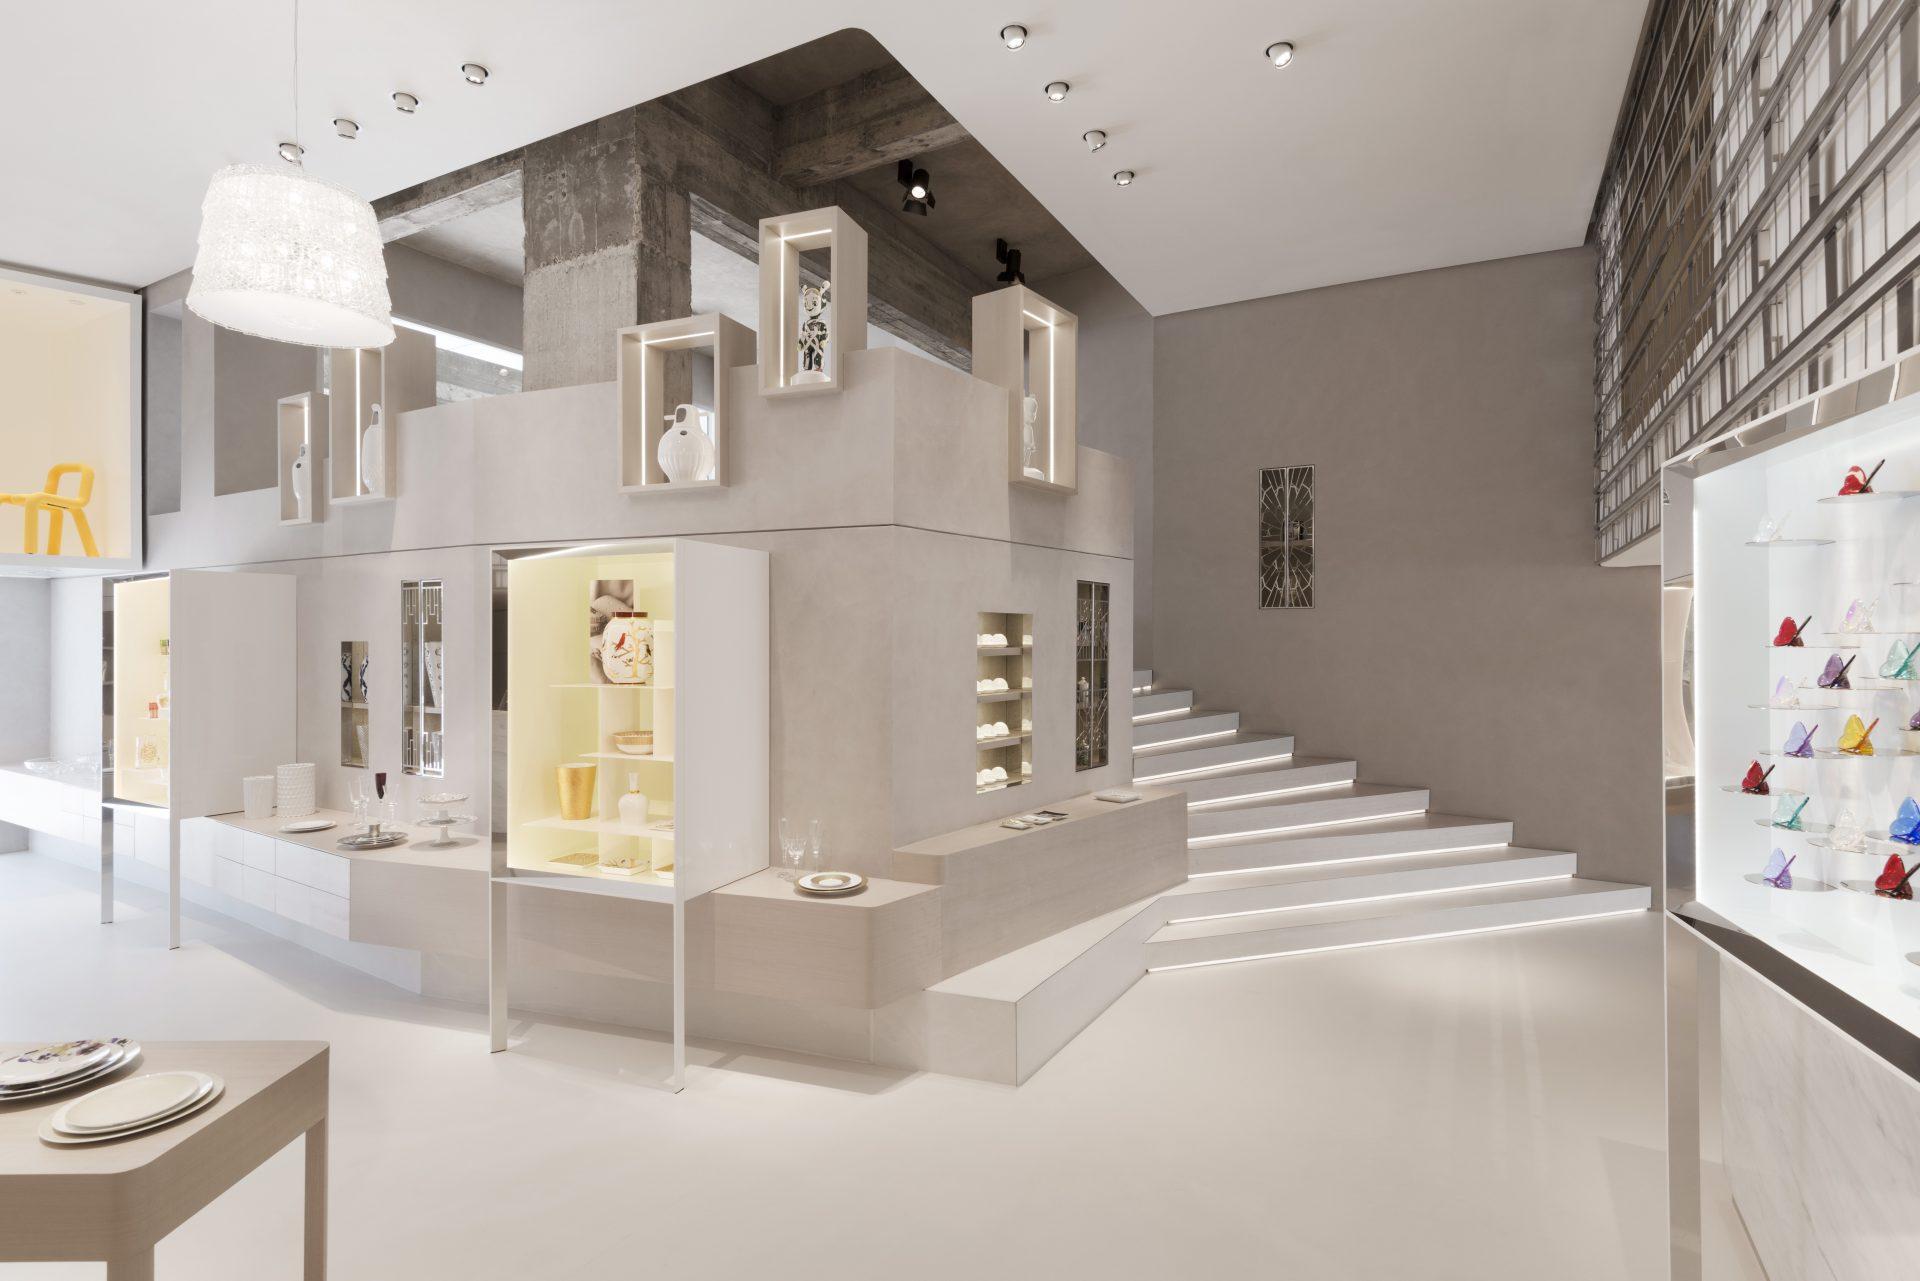 Fentre sur Cour  Rabat  RF Studio  Agence de Design